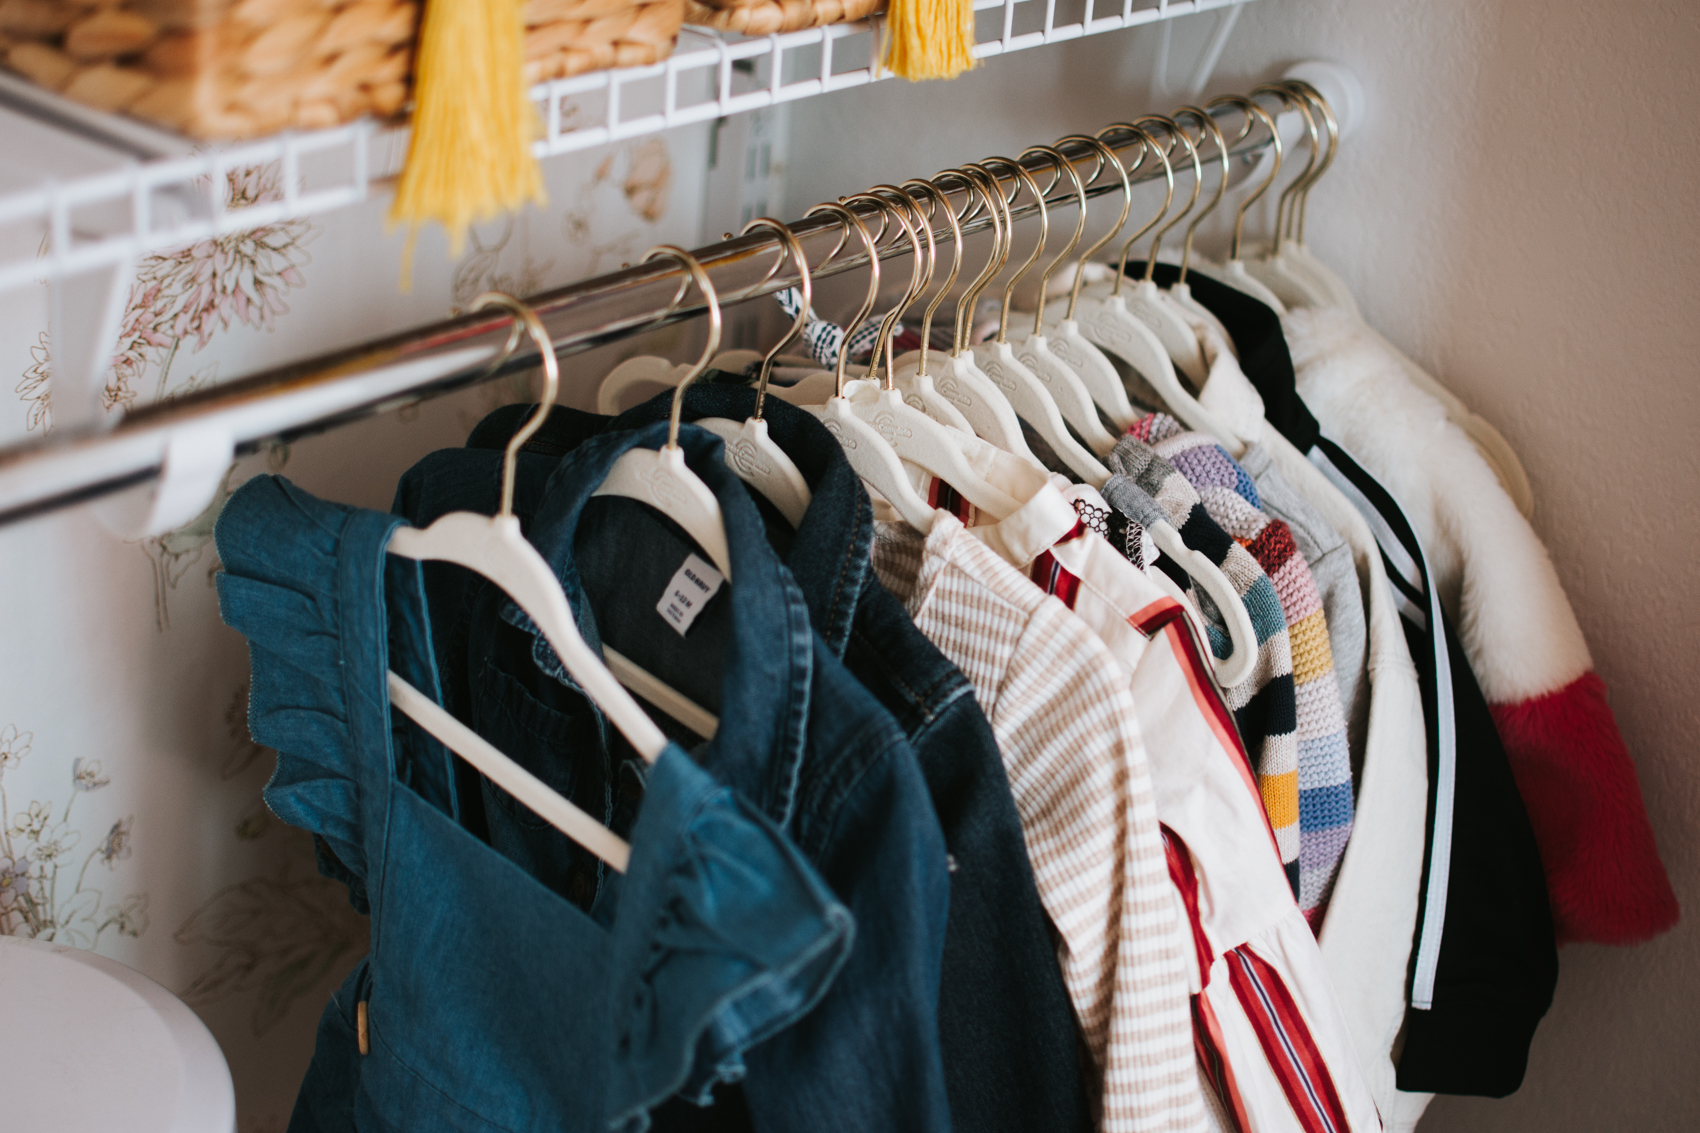 Nursery Closet Reveal with Rubbermaid via. The Pacific Standard   www.thepacificstandard.com #nurserytour #nurseryidea